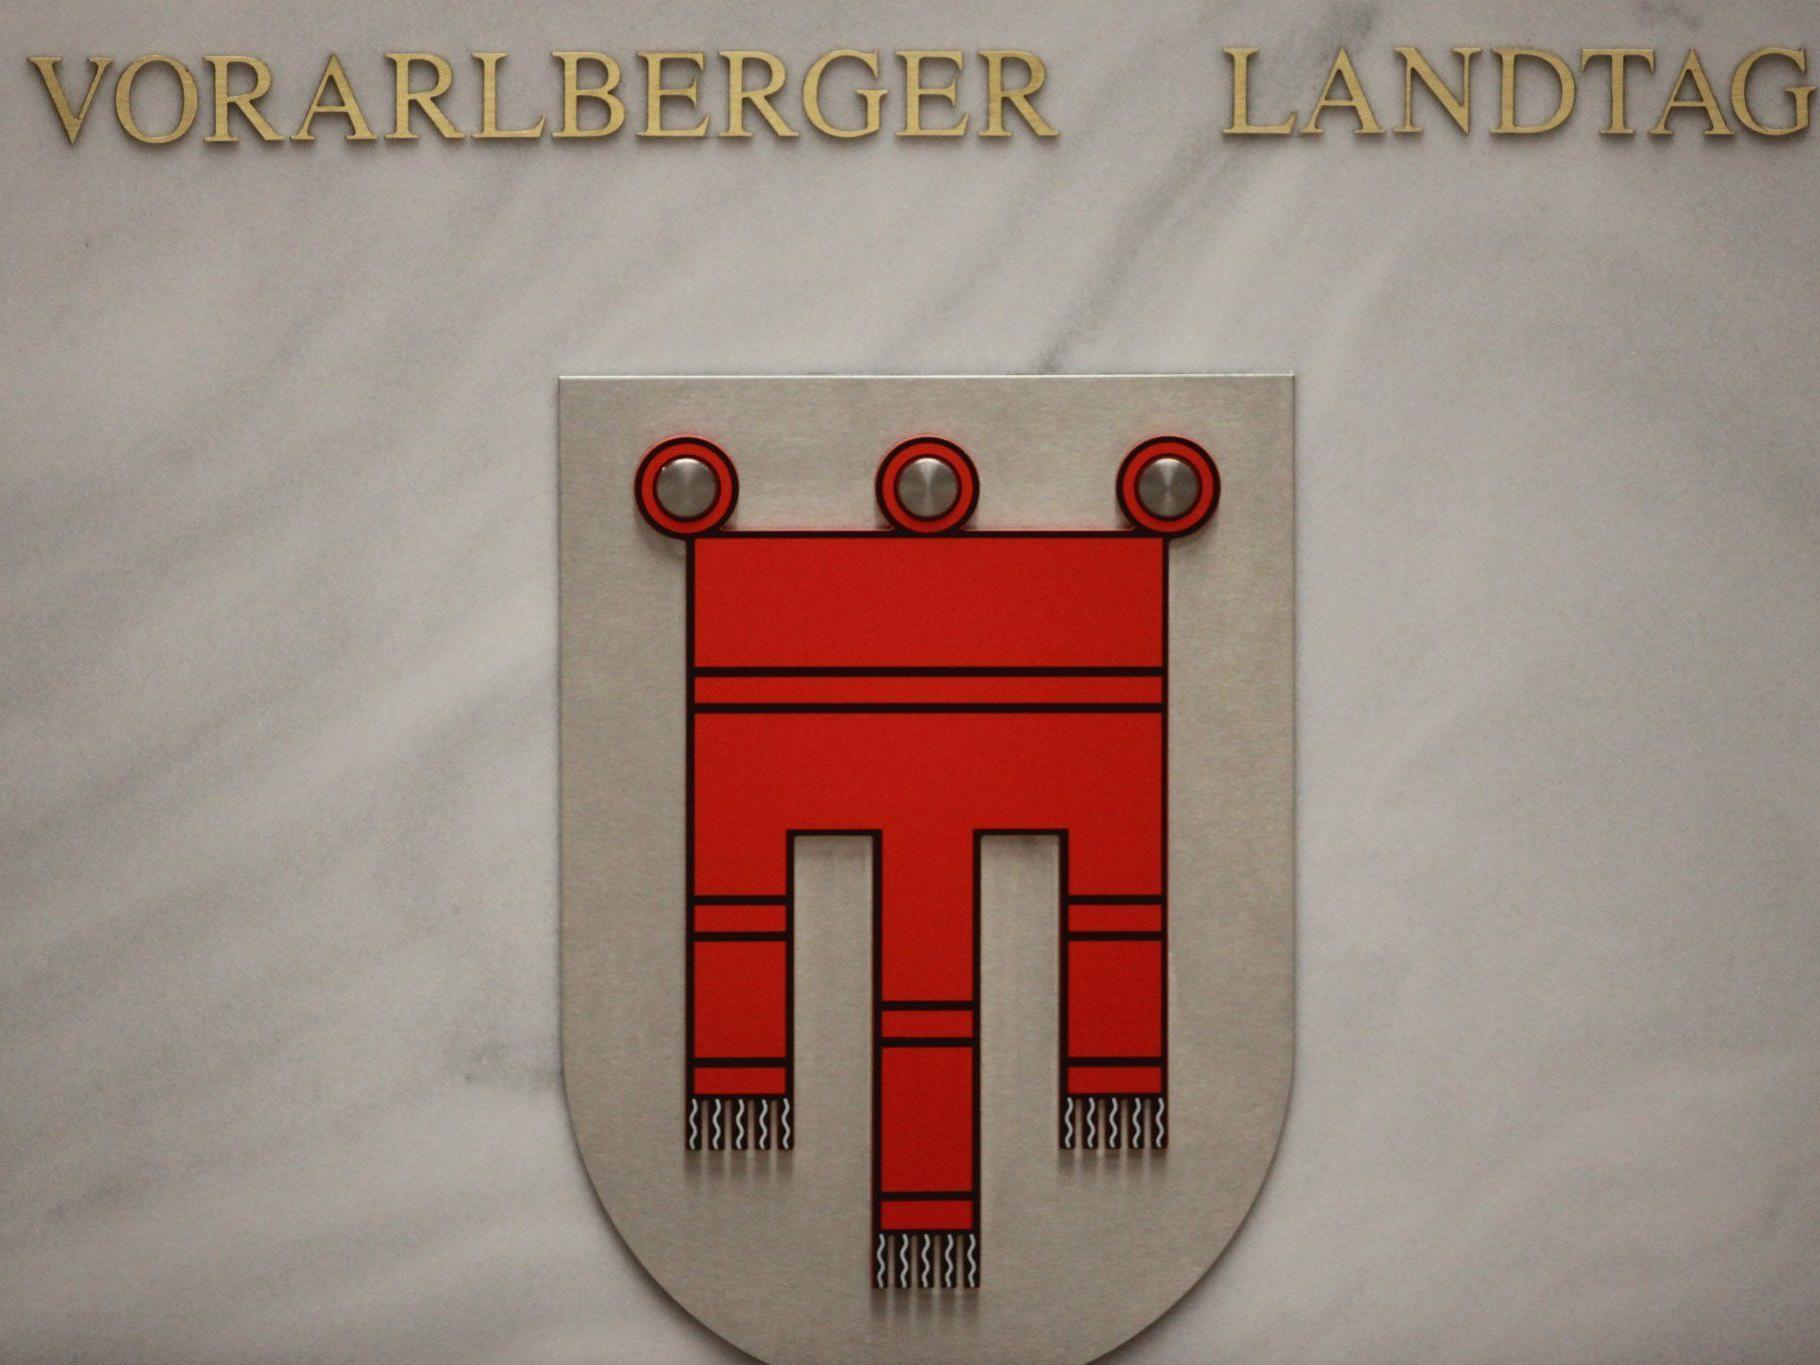 Aktualisierte Neuauflage der Landtagsbroschüre erschienen